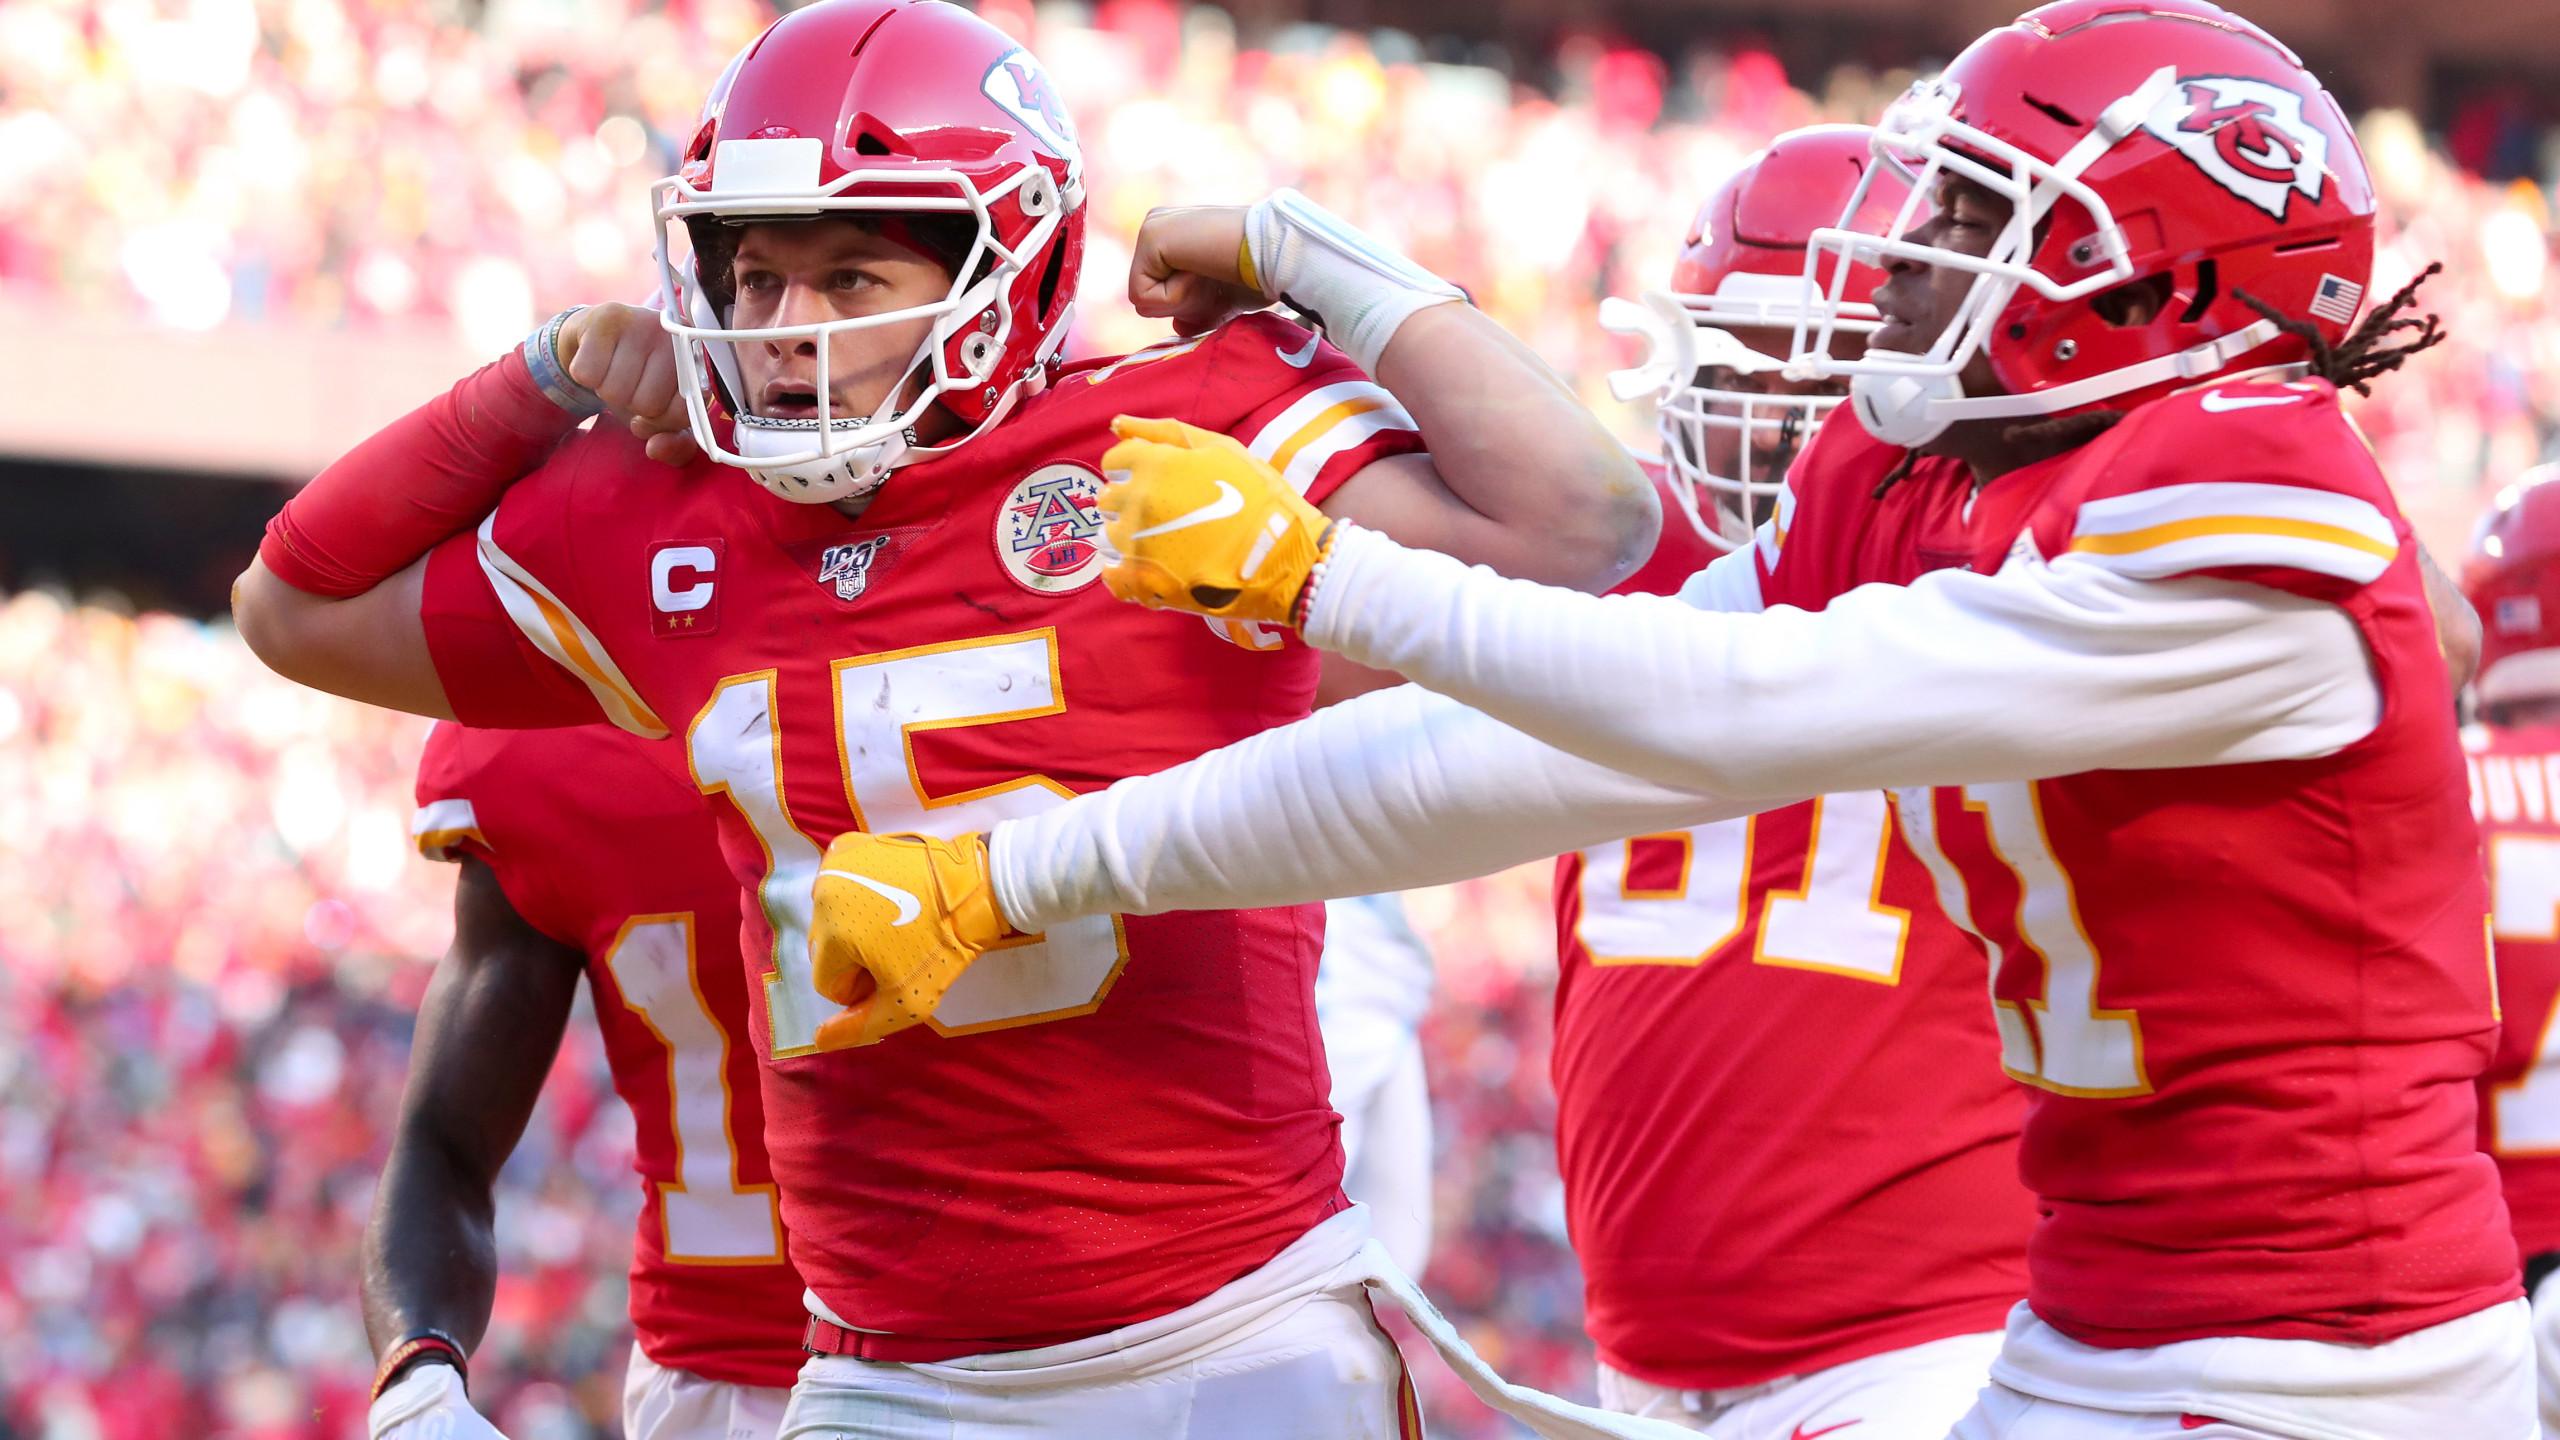 Chiefs advance to Super Bowl LIV following 35 24 win over Titans 2560x1440